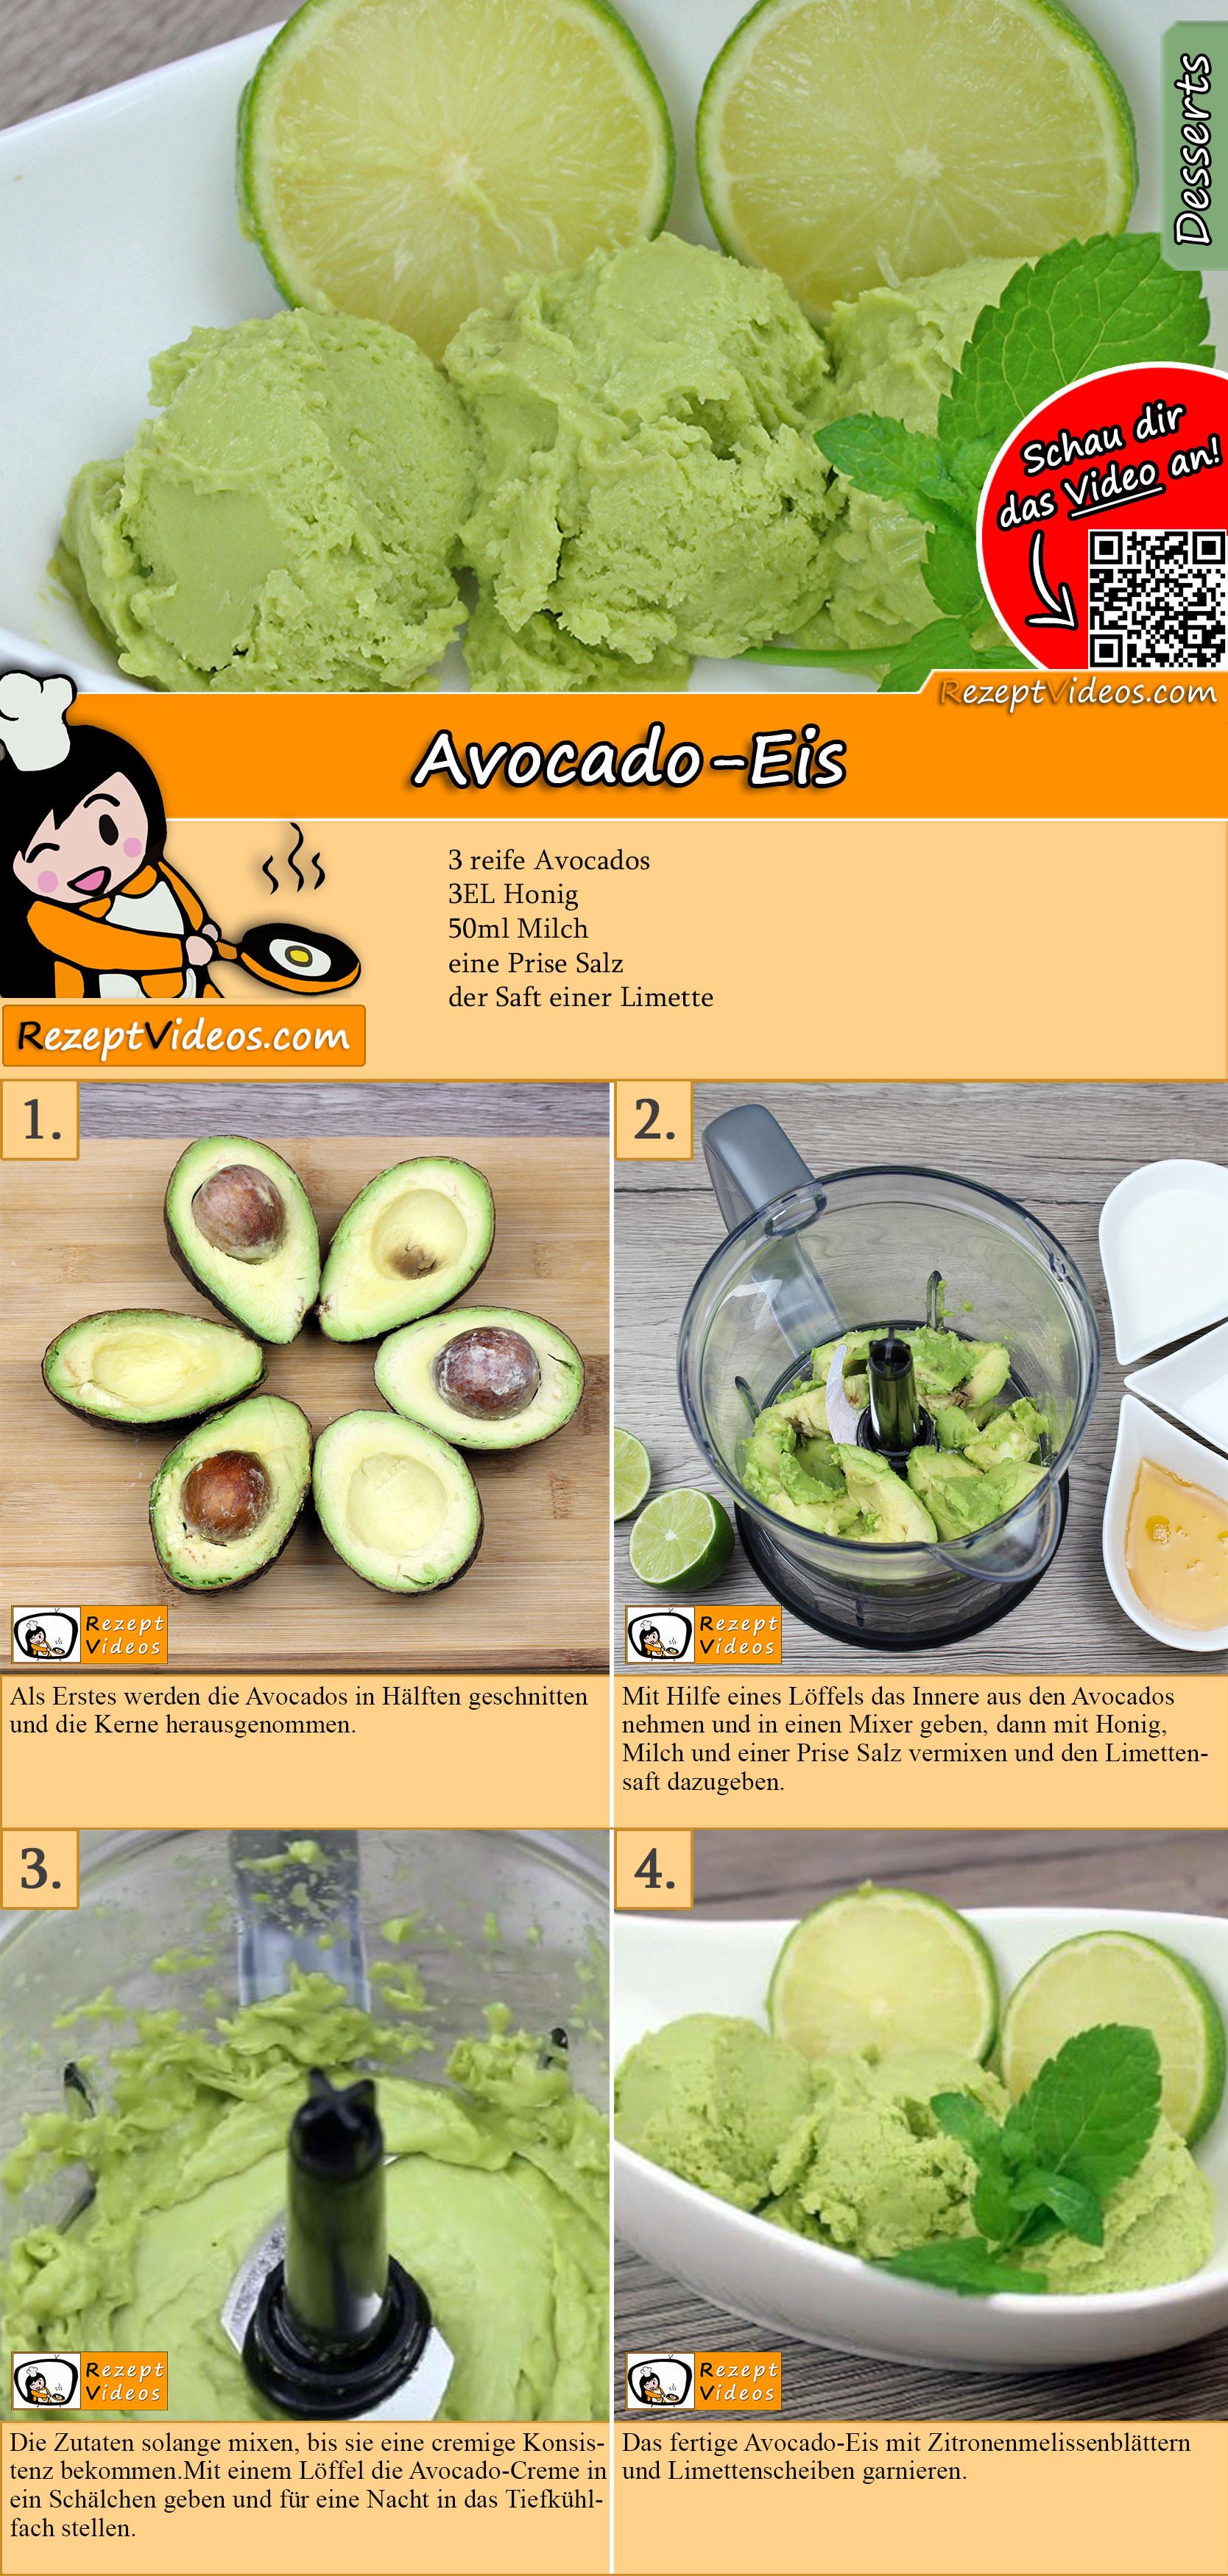 Avocado-Eis Rezept mit Video